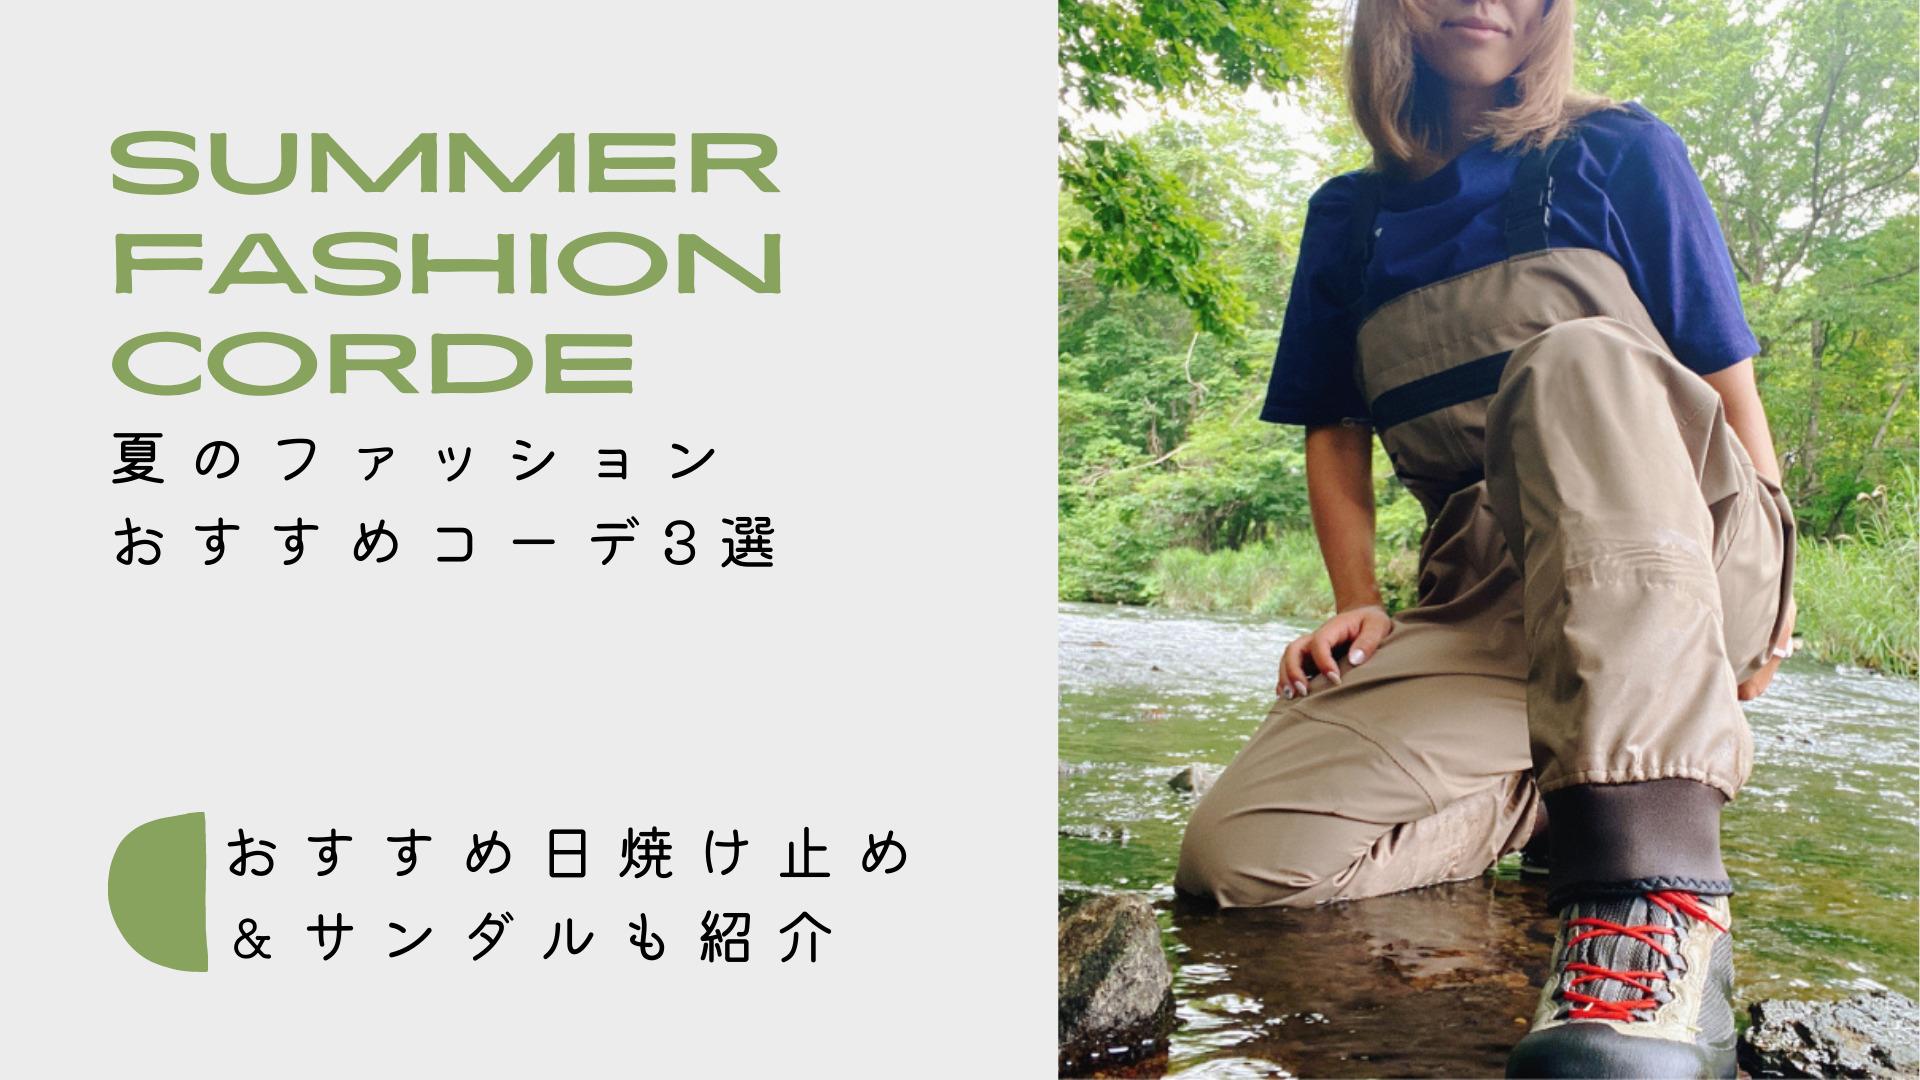 釣りガールのはずさない夏のファッションはコレ!おすすめコーデ3選をシチュエーション毎に解説!